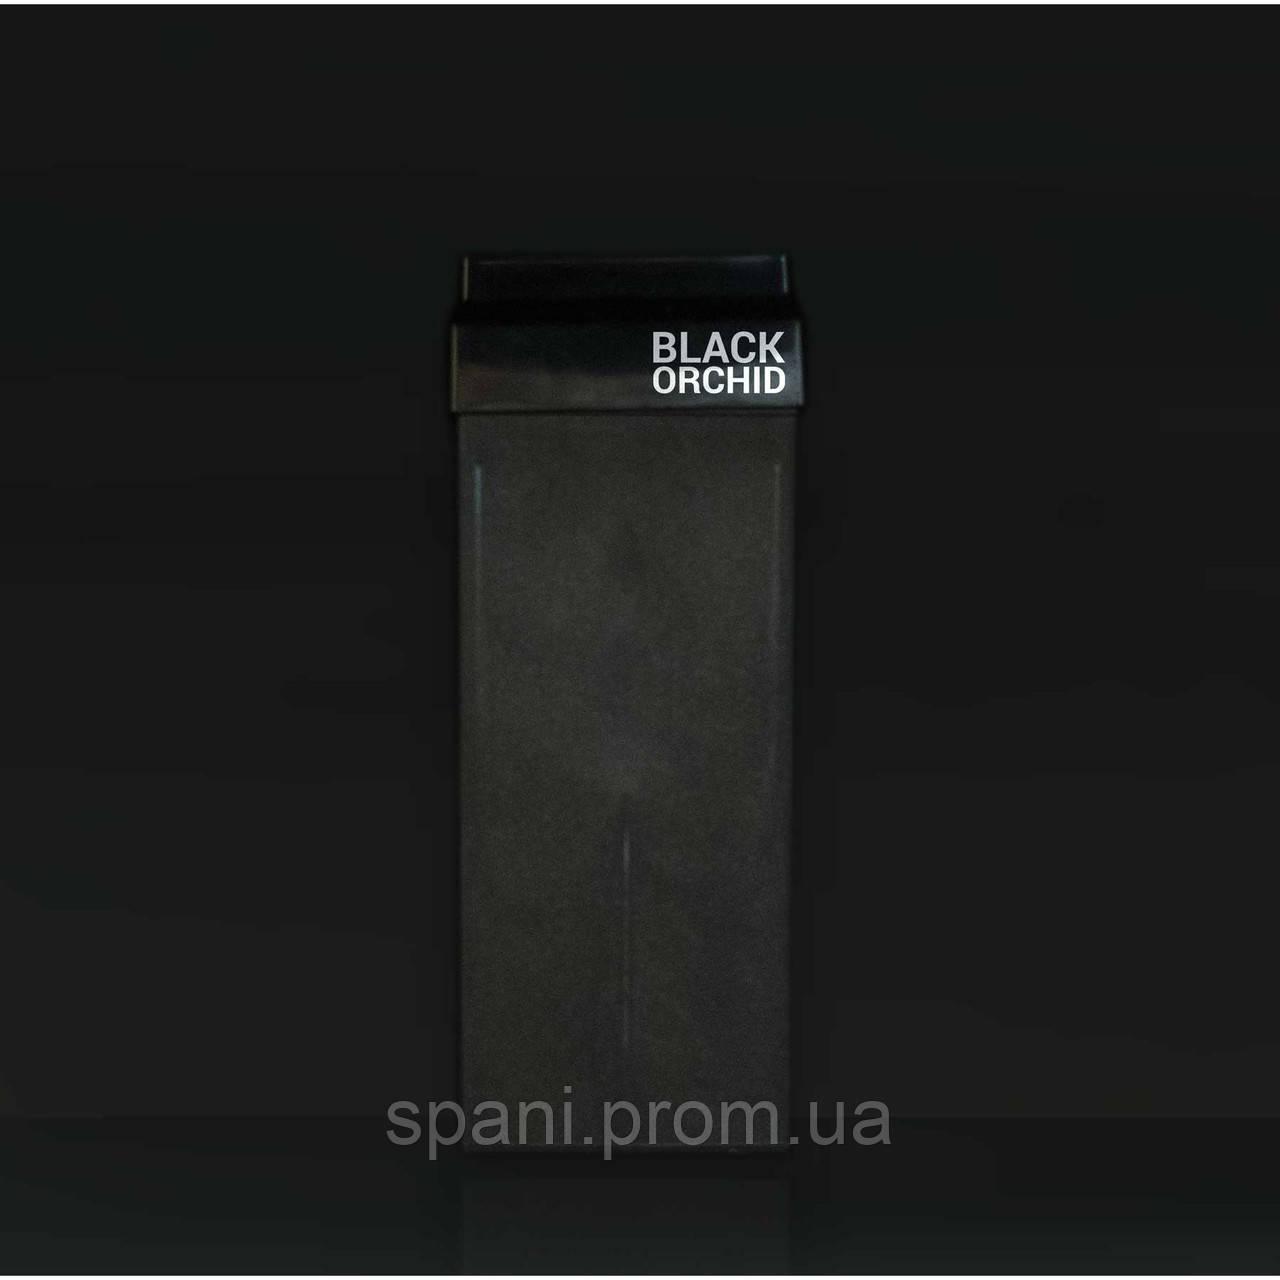 """Skin System, Воск кассетный """"Черная орхидея"""", Италия, 100мл"""